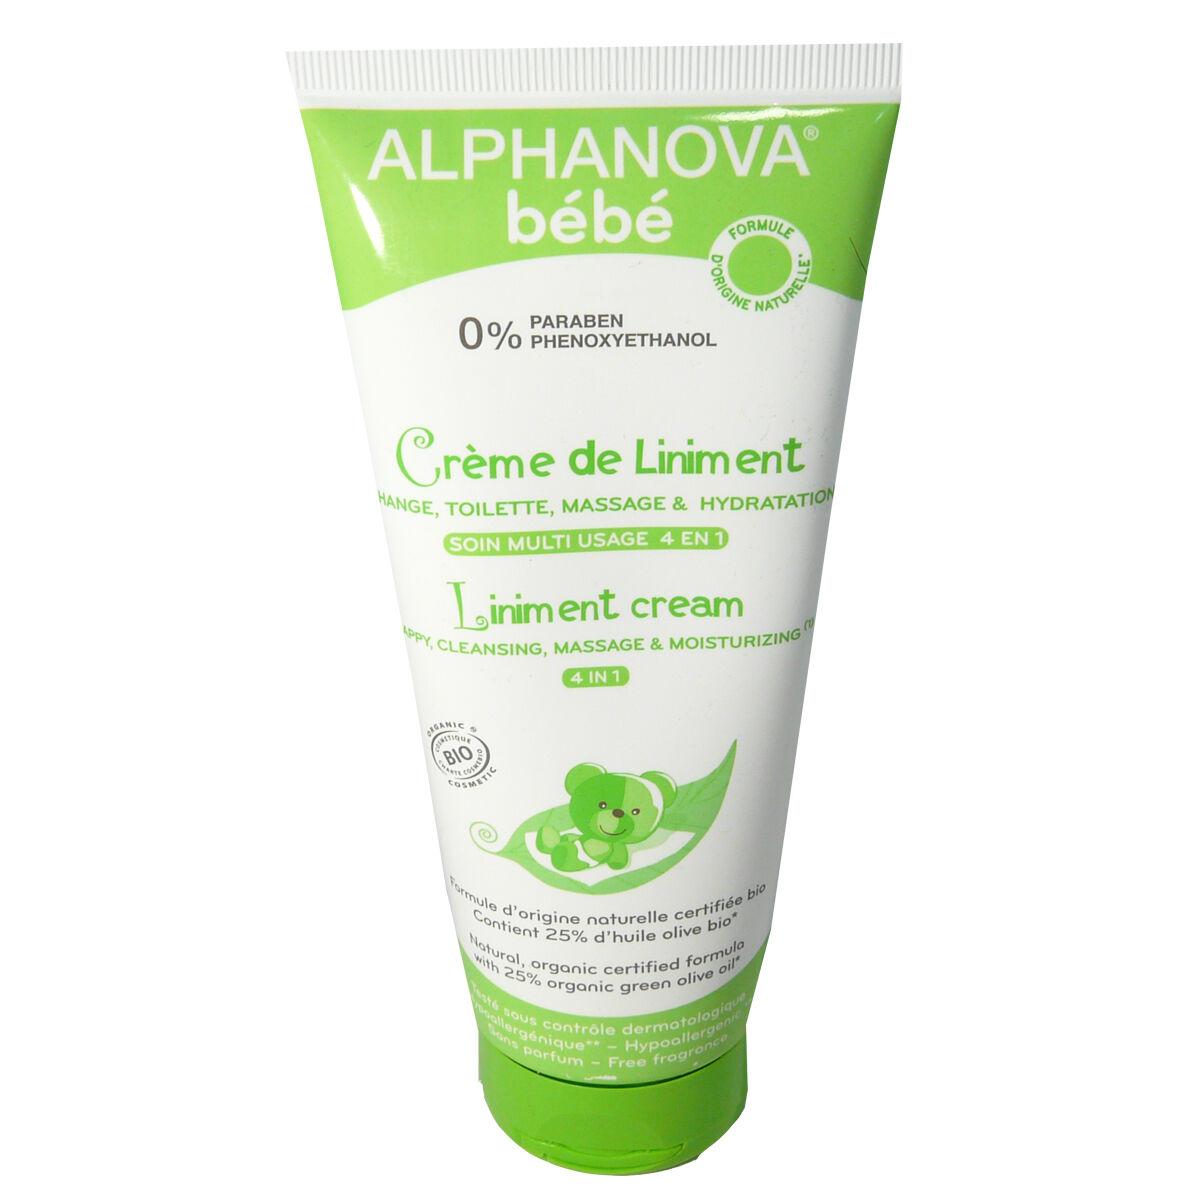 Alphanova bebe creme de liniment 4 en 1 200 ml